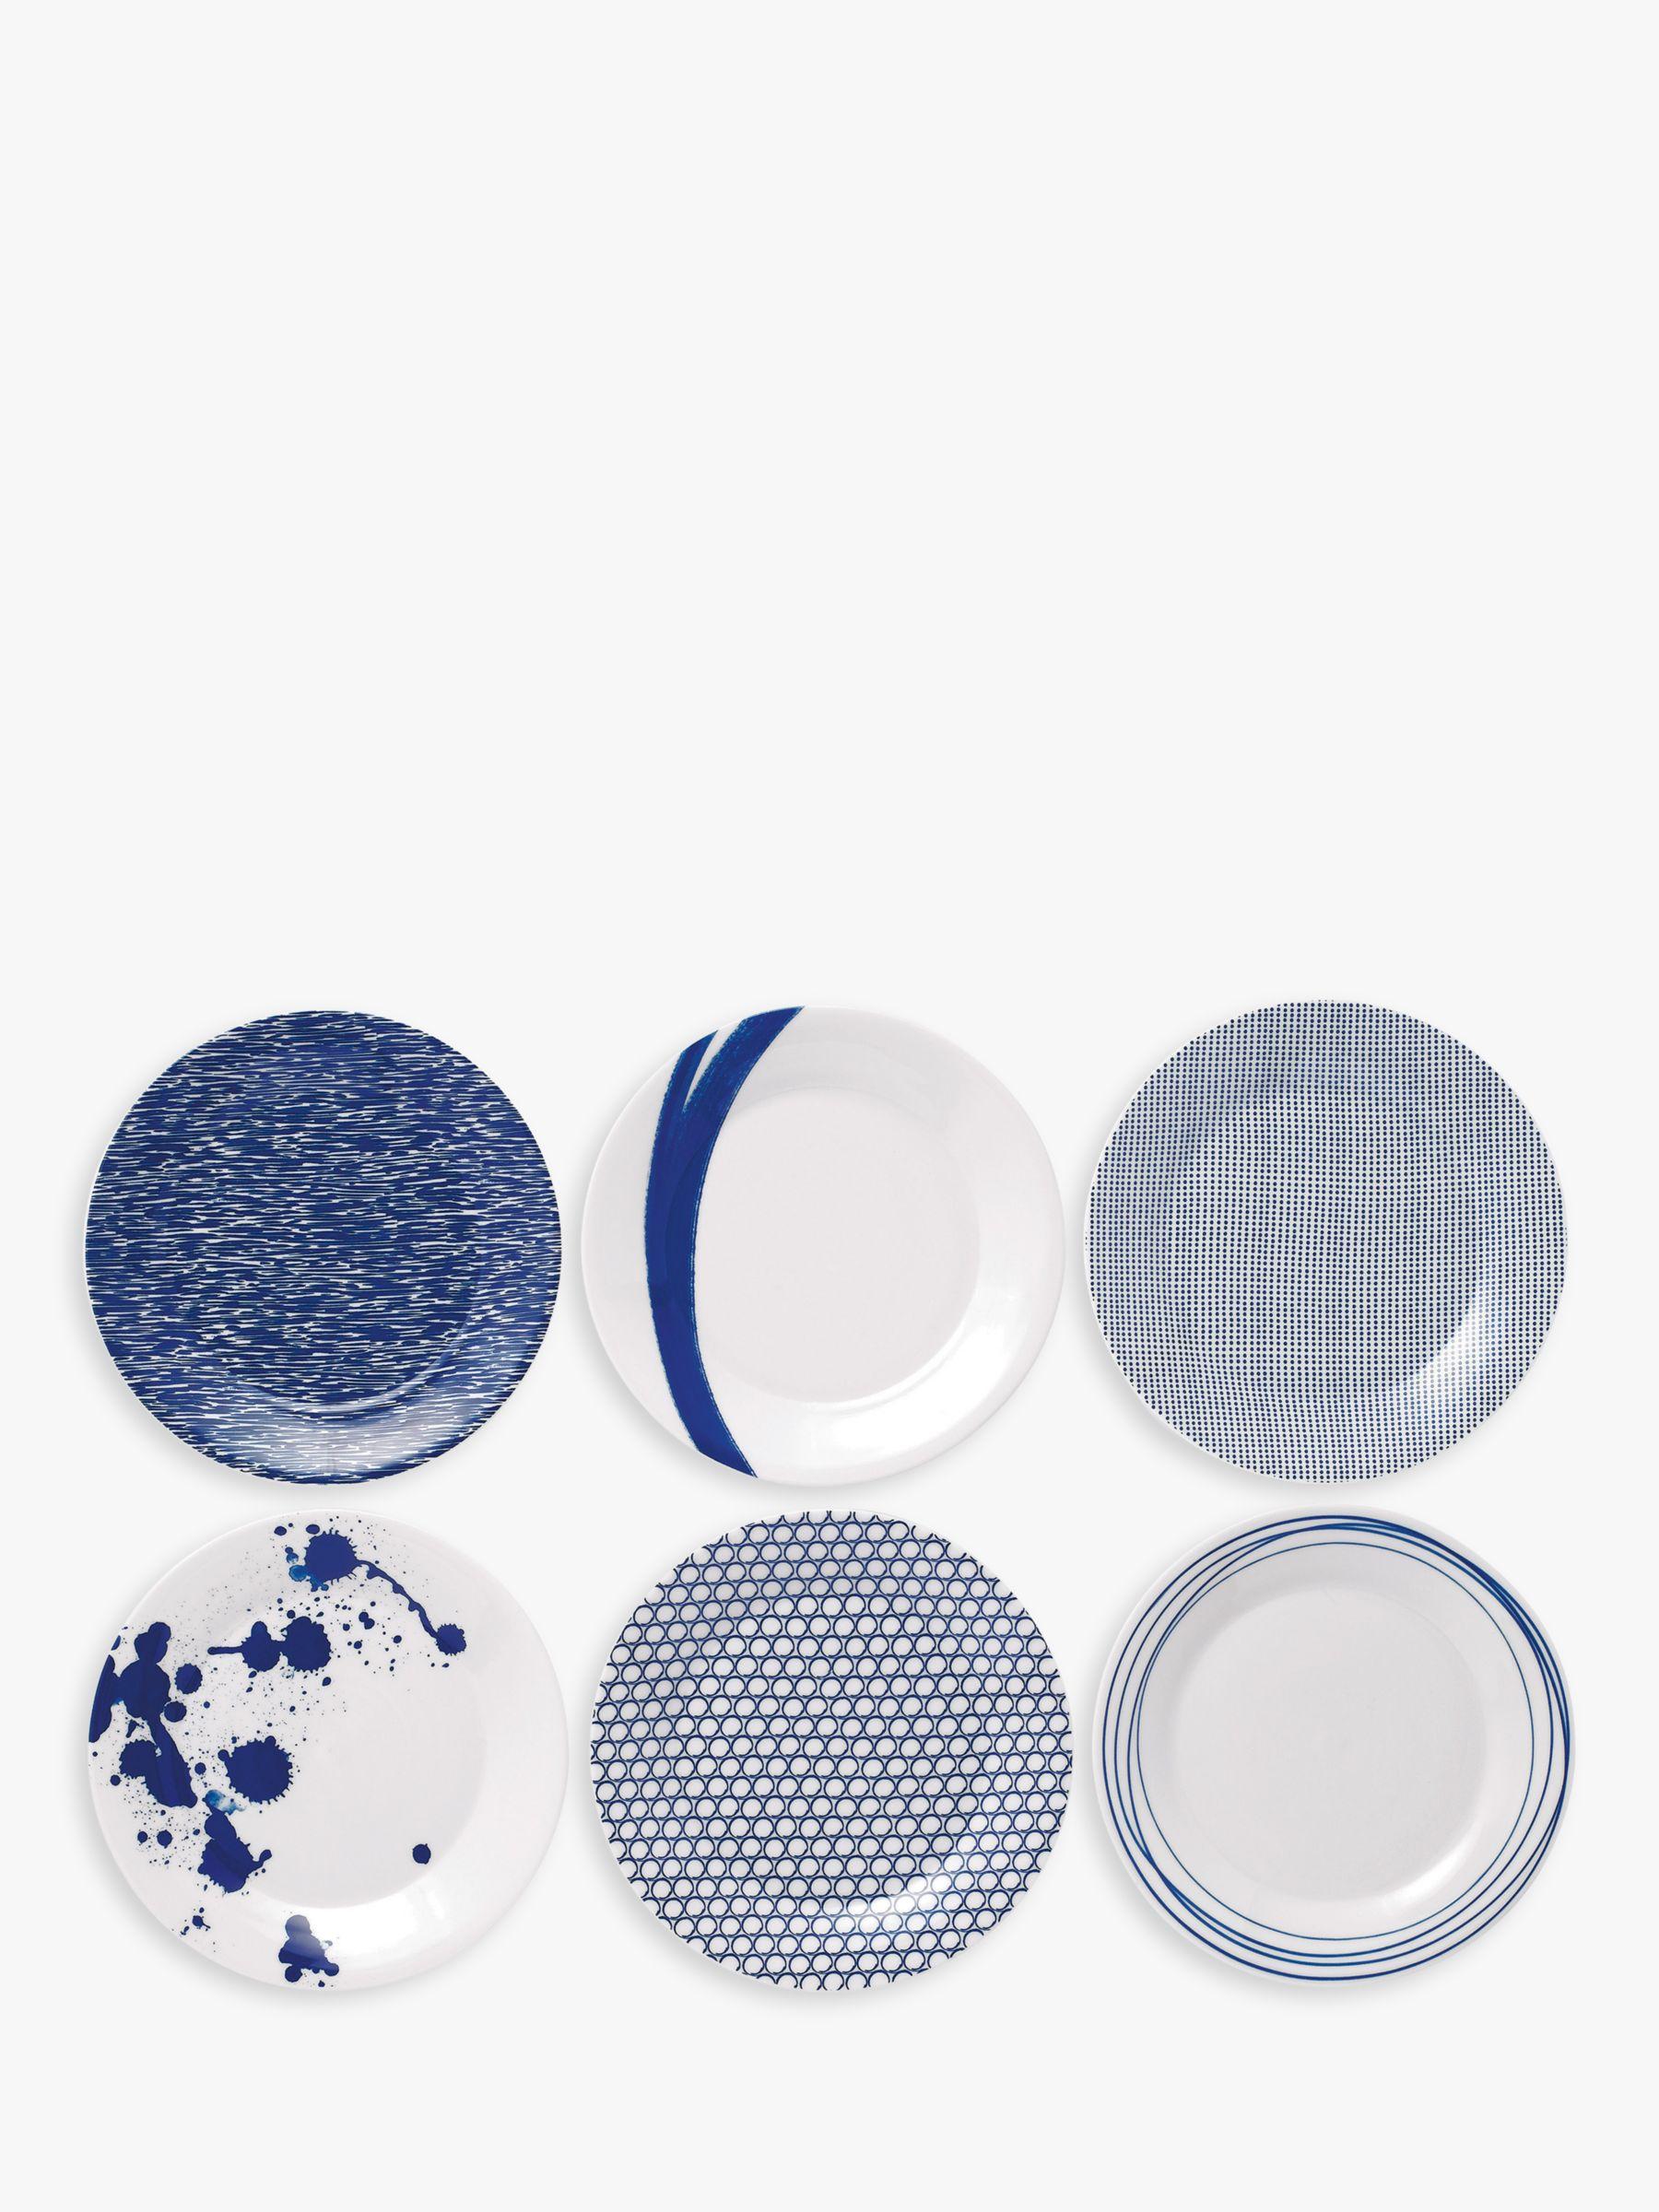 Royal Doulton Royal Doulton Pacific Porcelain Side Plates, Set of 6, 23cm, Blue